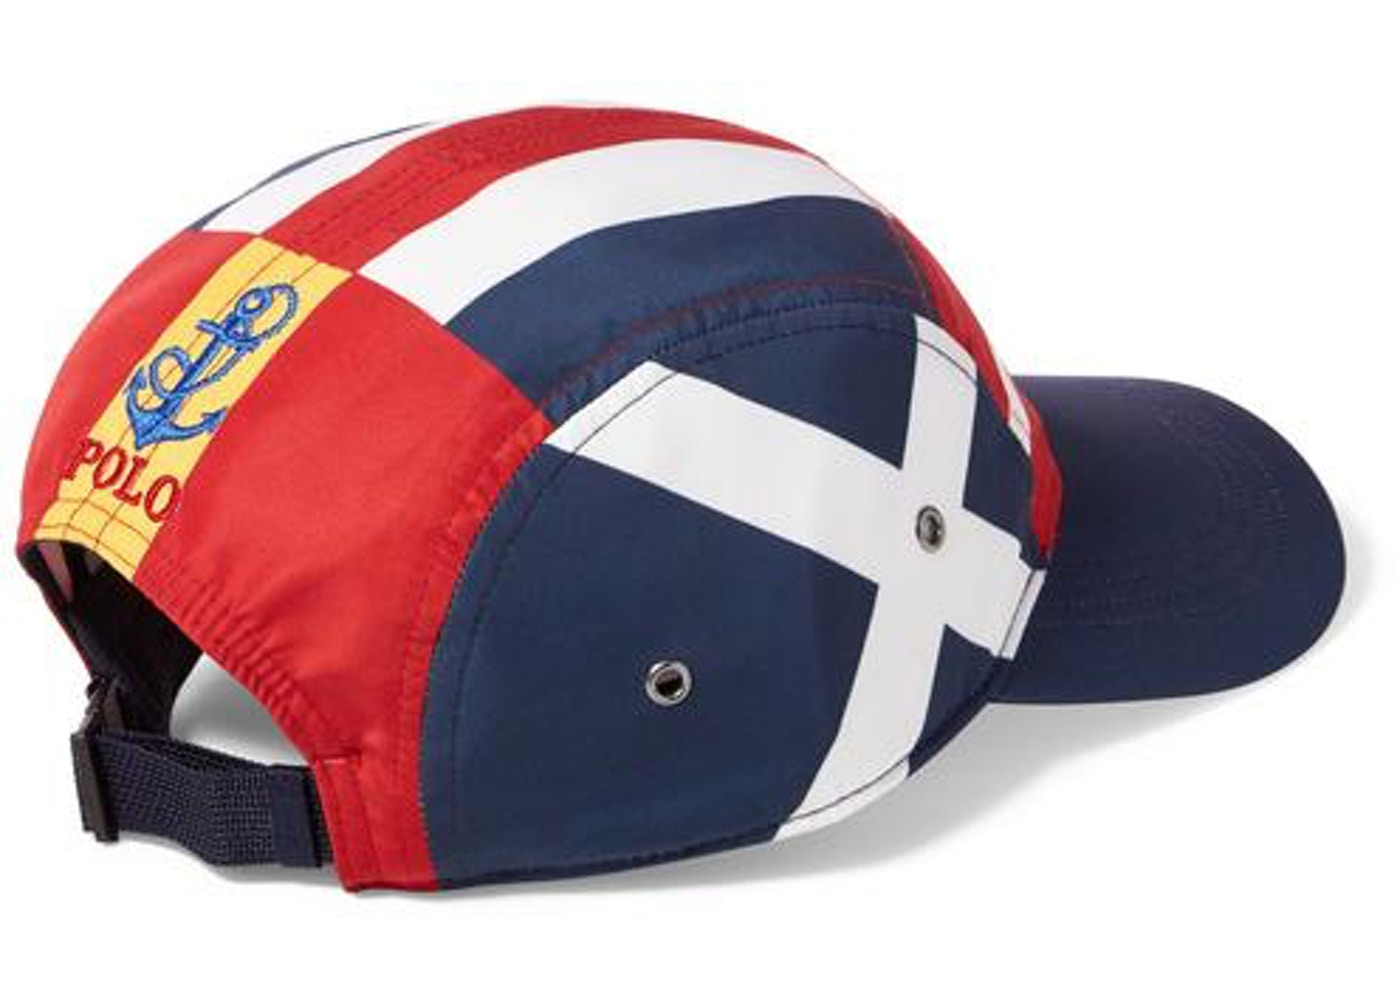 256139b1 Polo Ralph Lauren CP-93 Limited-Edition Flag Cap Sailing Flags - SS18